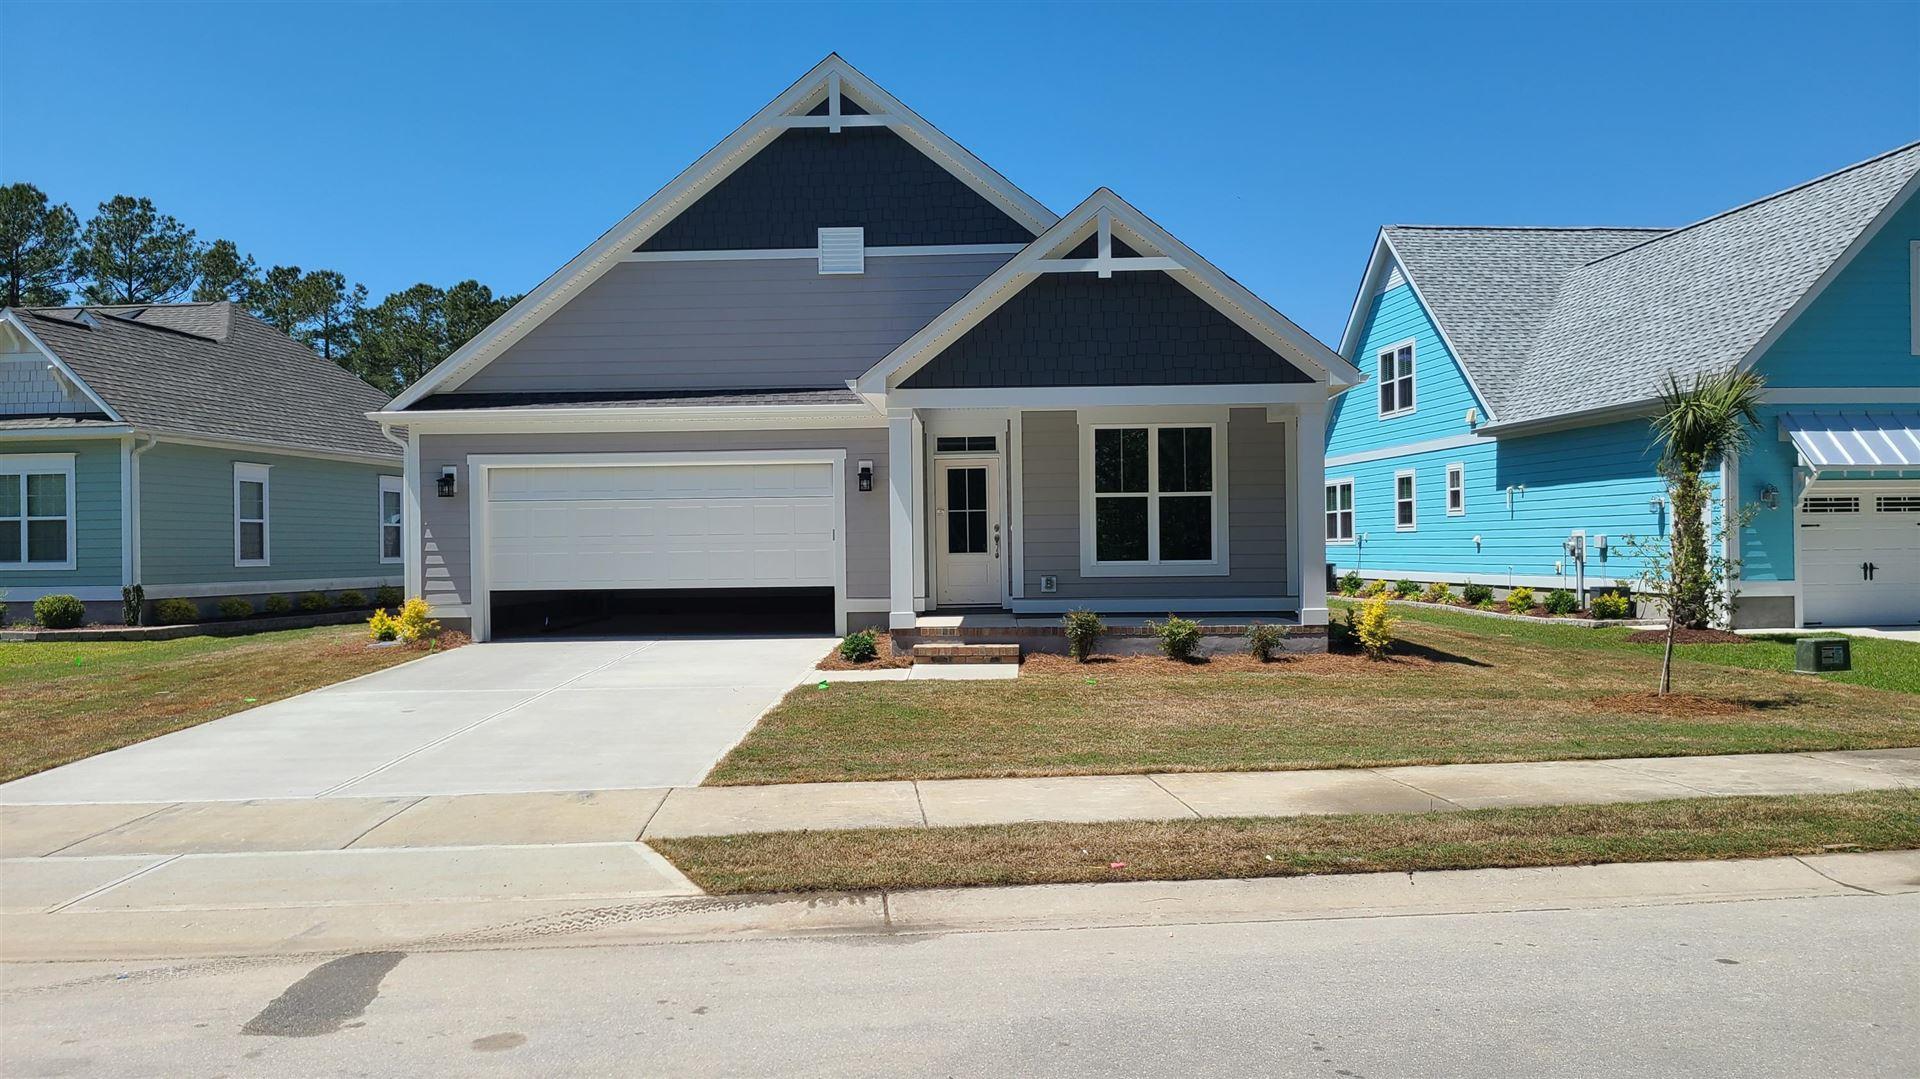 Photo of 184 Twining Rose Lane, Holly Ridge, NC 28445 (MLS # 100268532)